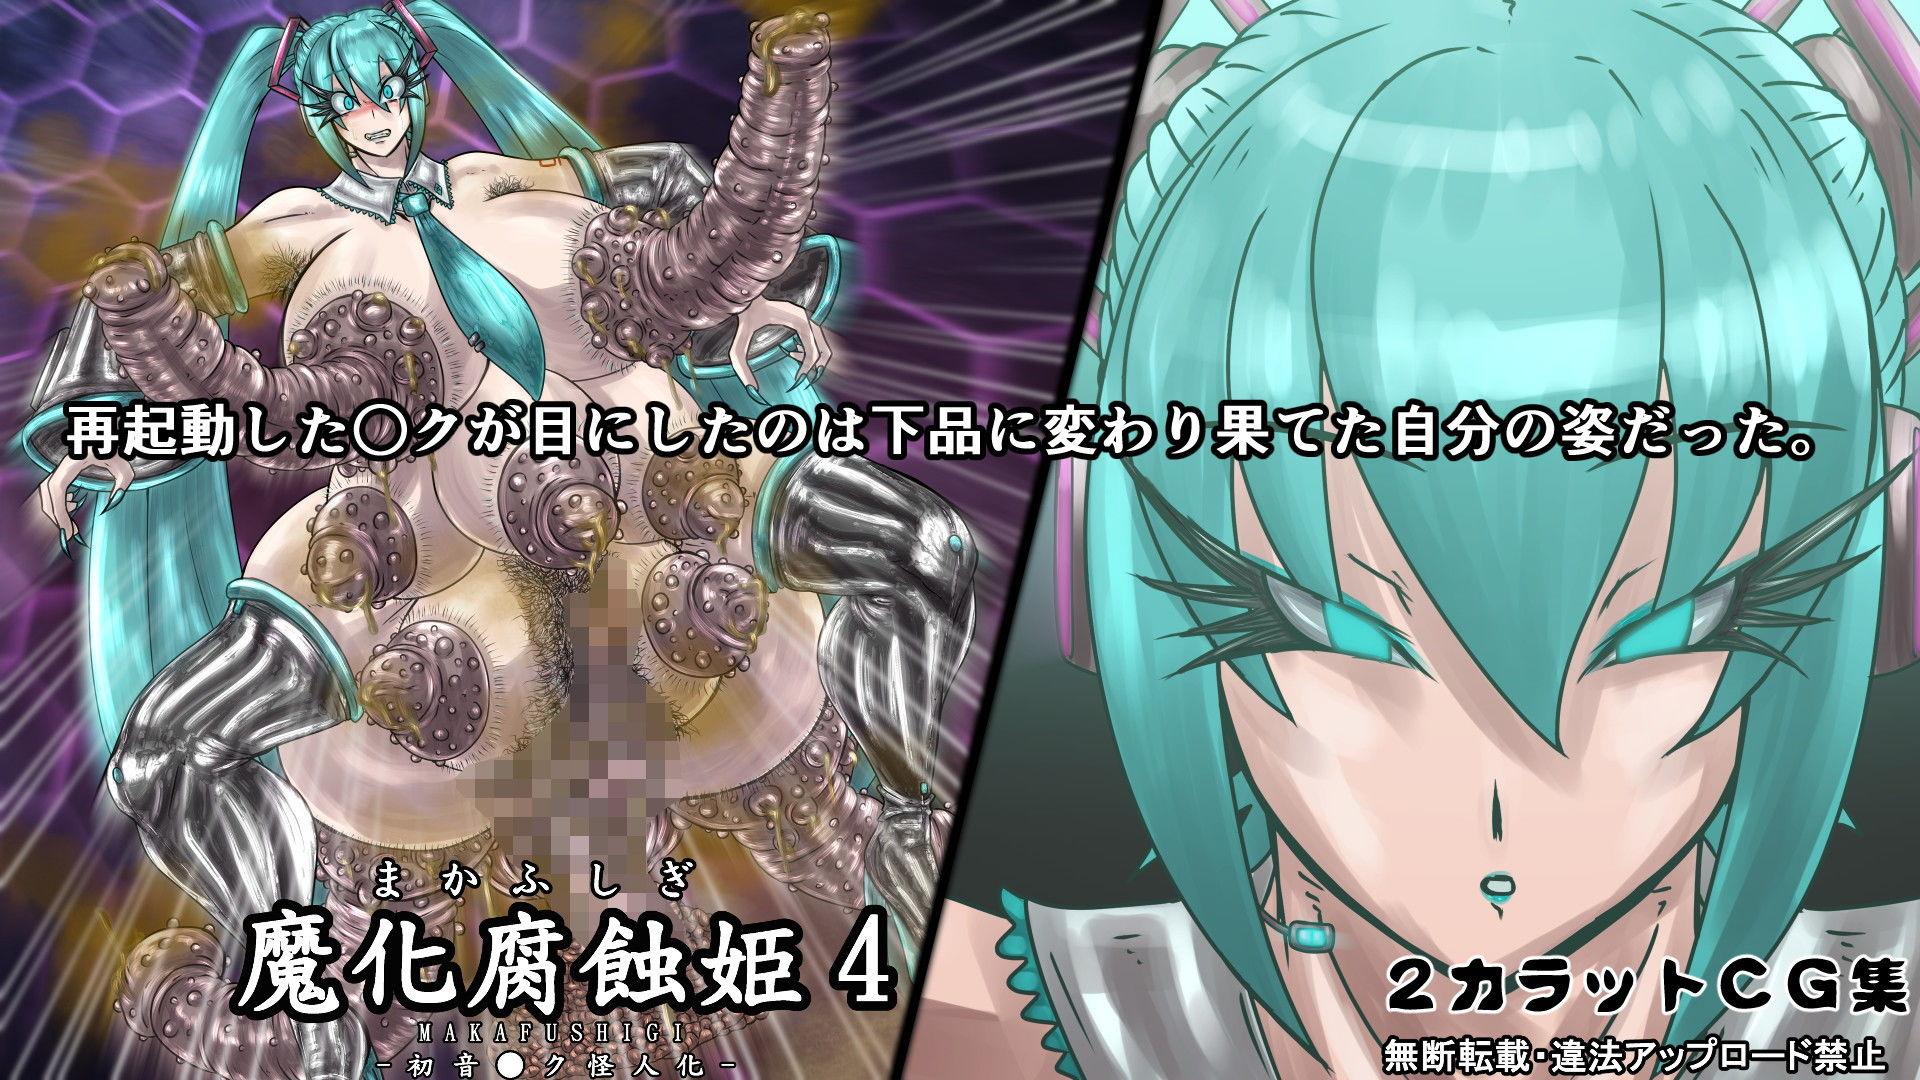 【初音ミク 同人】魔化腐蝕姫4